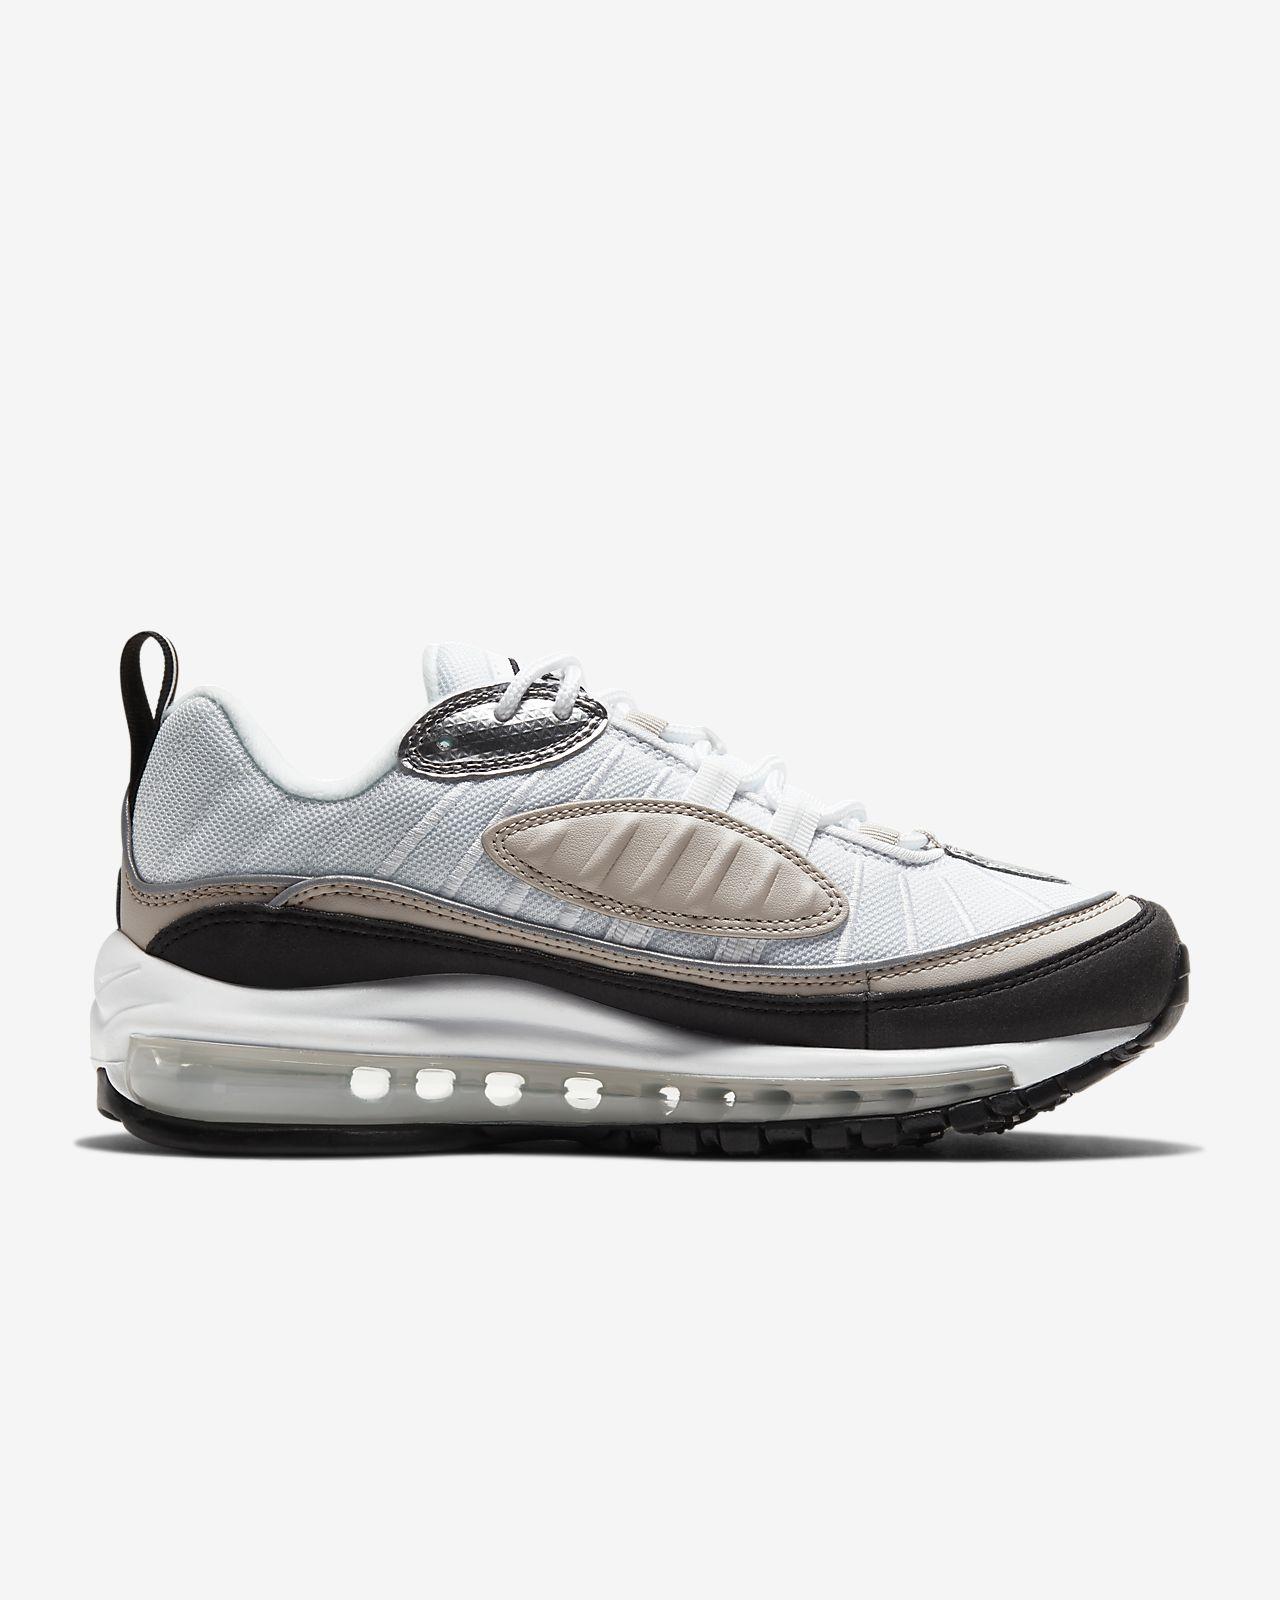 Sko Nike Air Max 98 för kvinnor